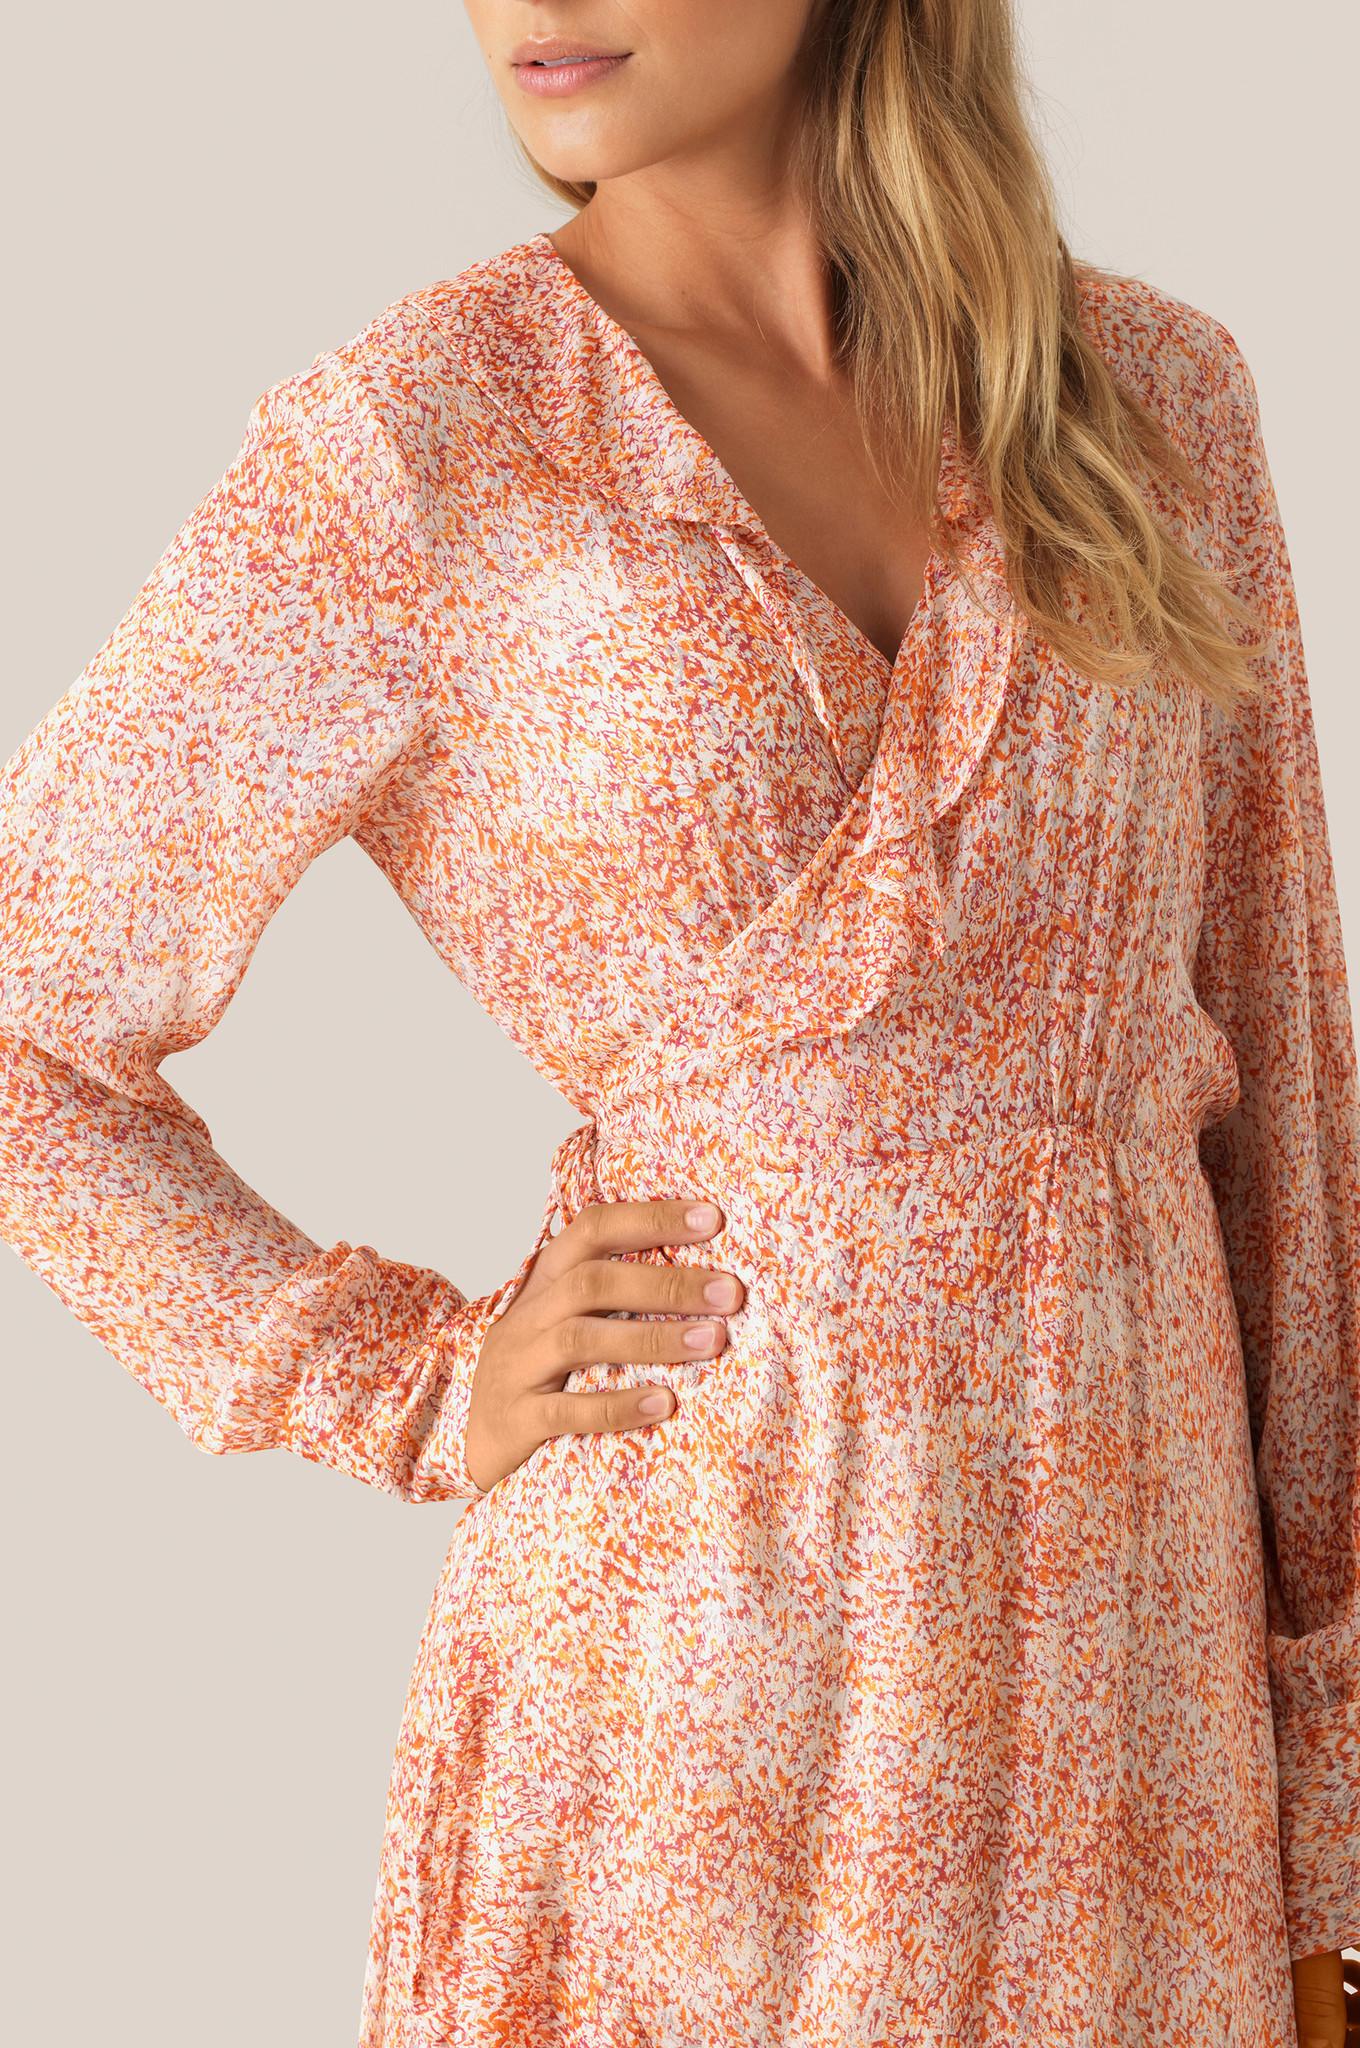 Floral LS Wrap Dress - Apricot Brandy-3